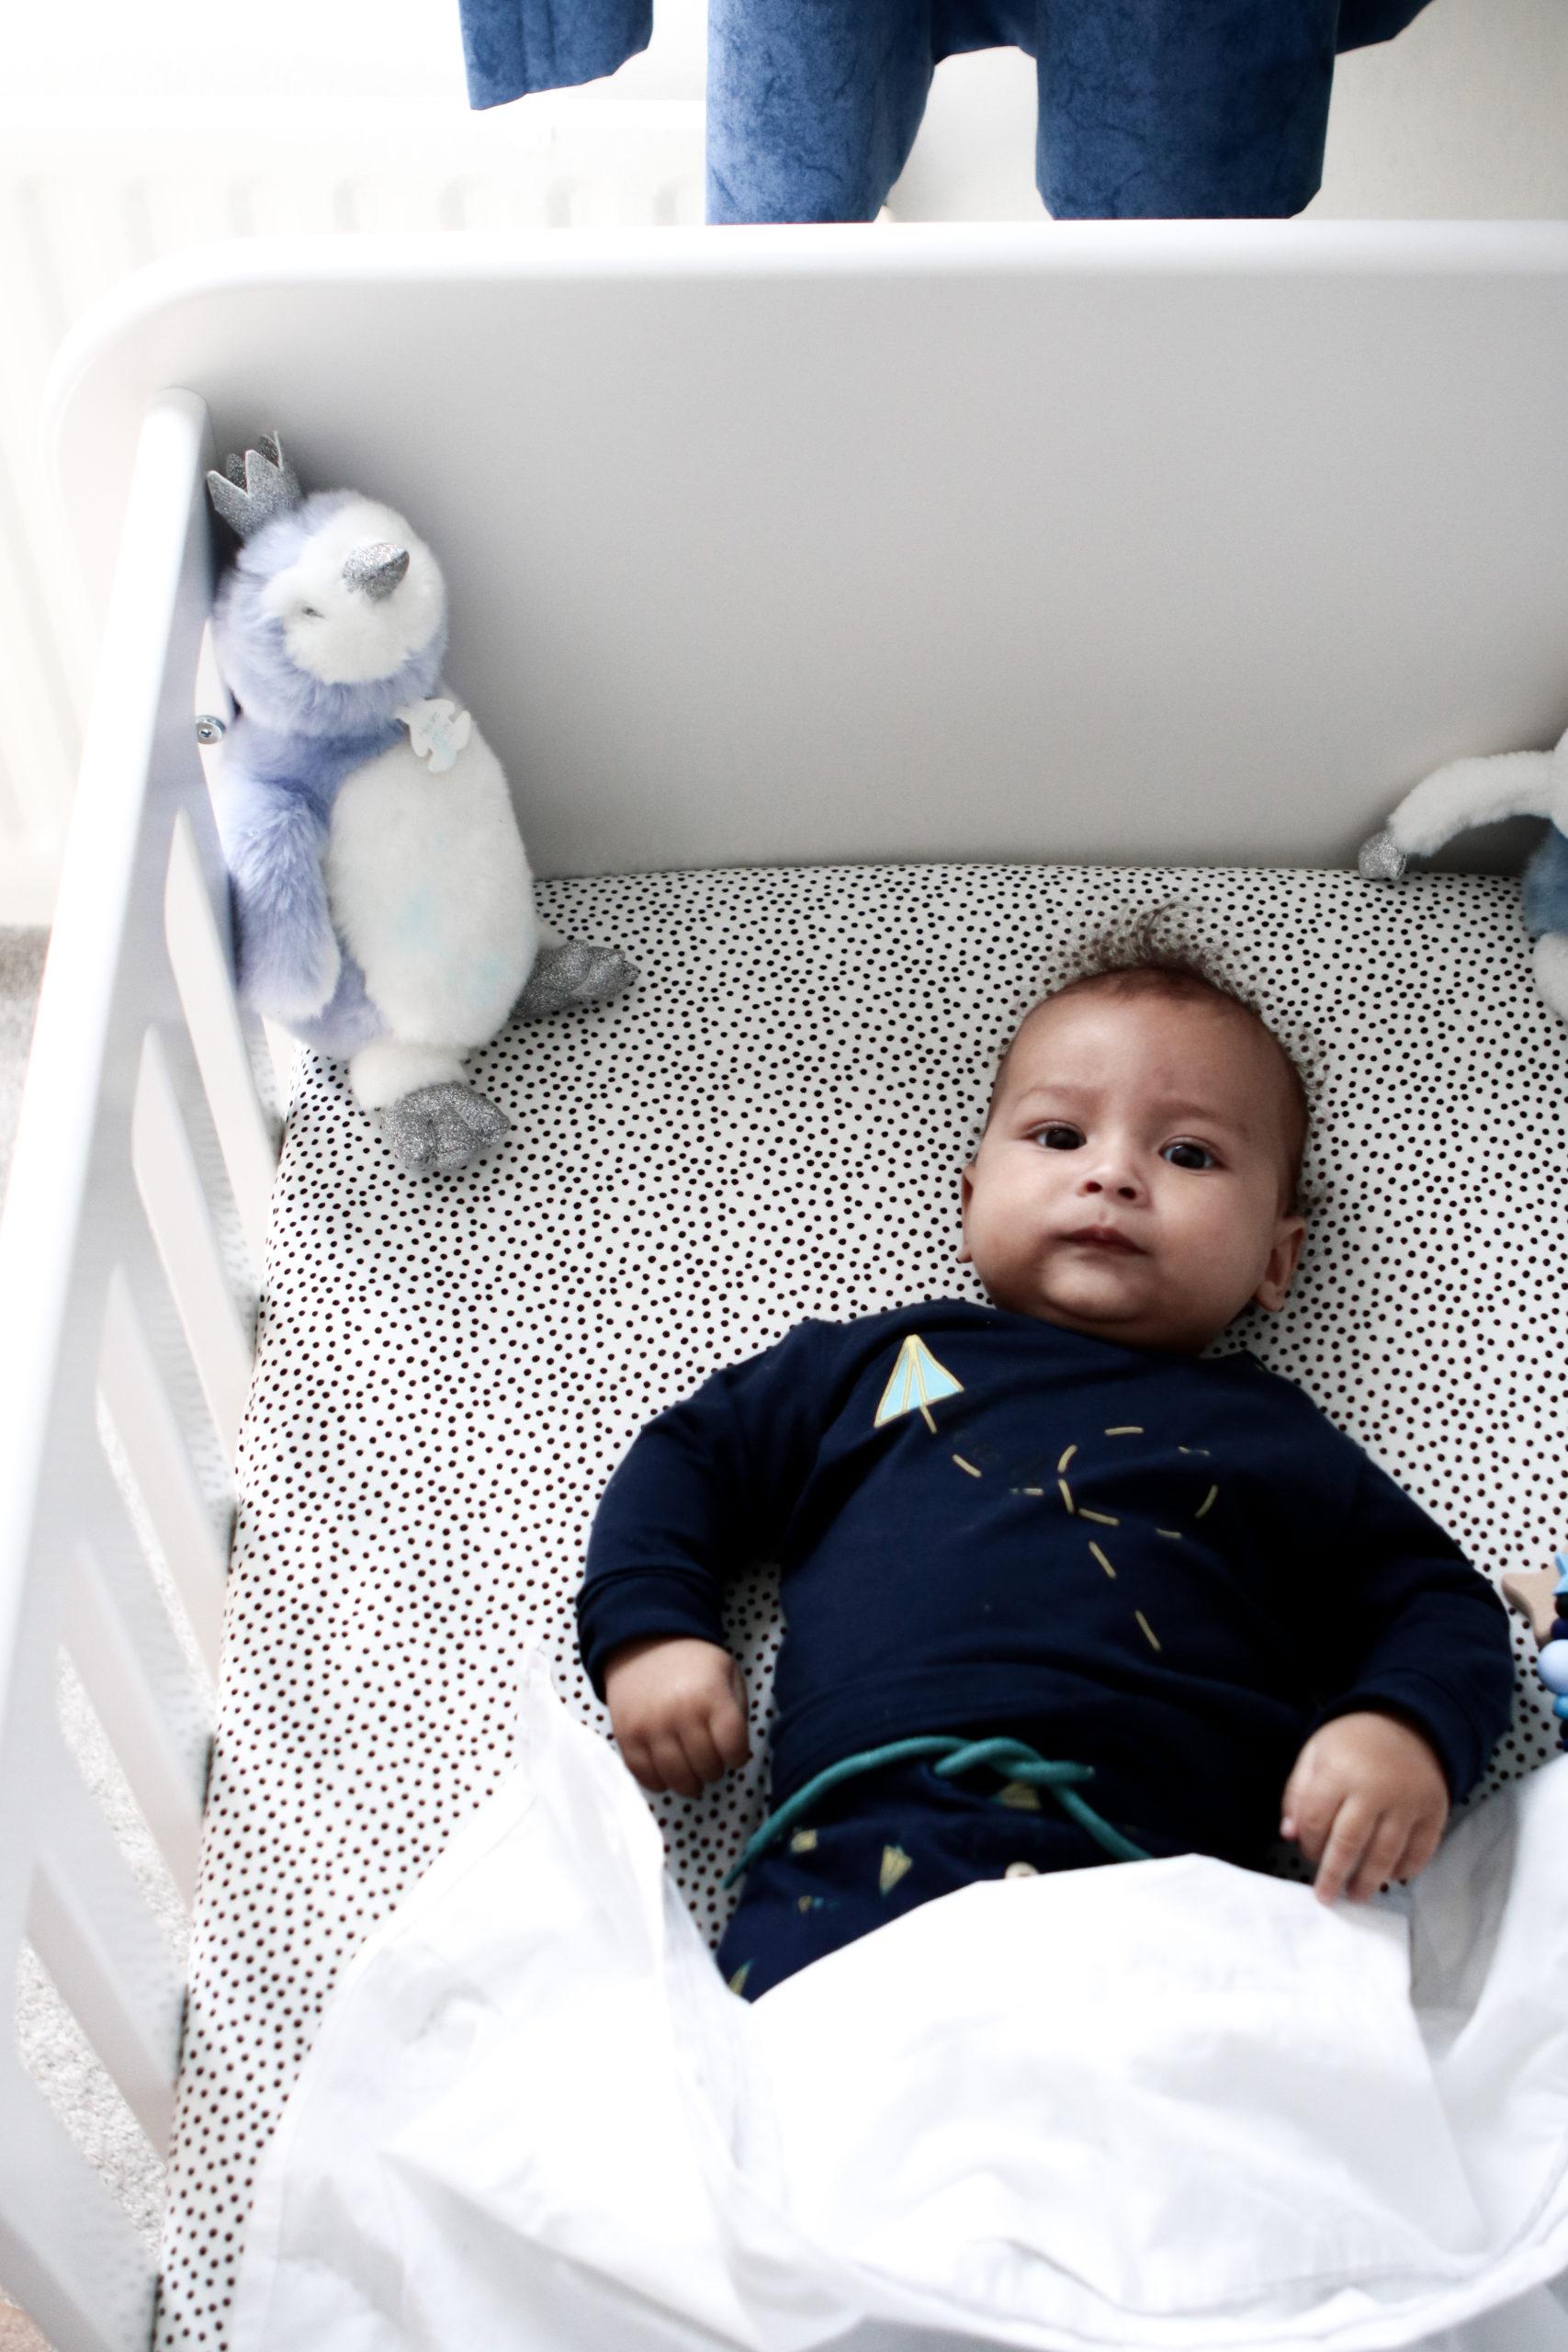 UKKEPUK MEUBELS zijn sterk, duurzaam en handgemaakt. Deze kindermeubels zijn een eye-catcher voor de baby- en kinderkamer. Dit is ledikant Vrolijk uit het kindermeubelmerk.